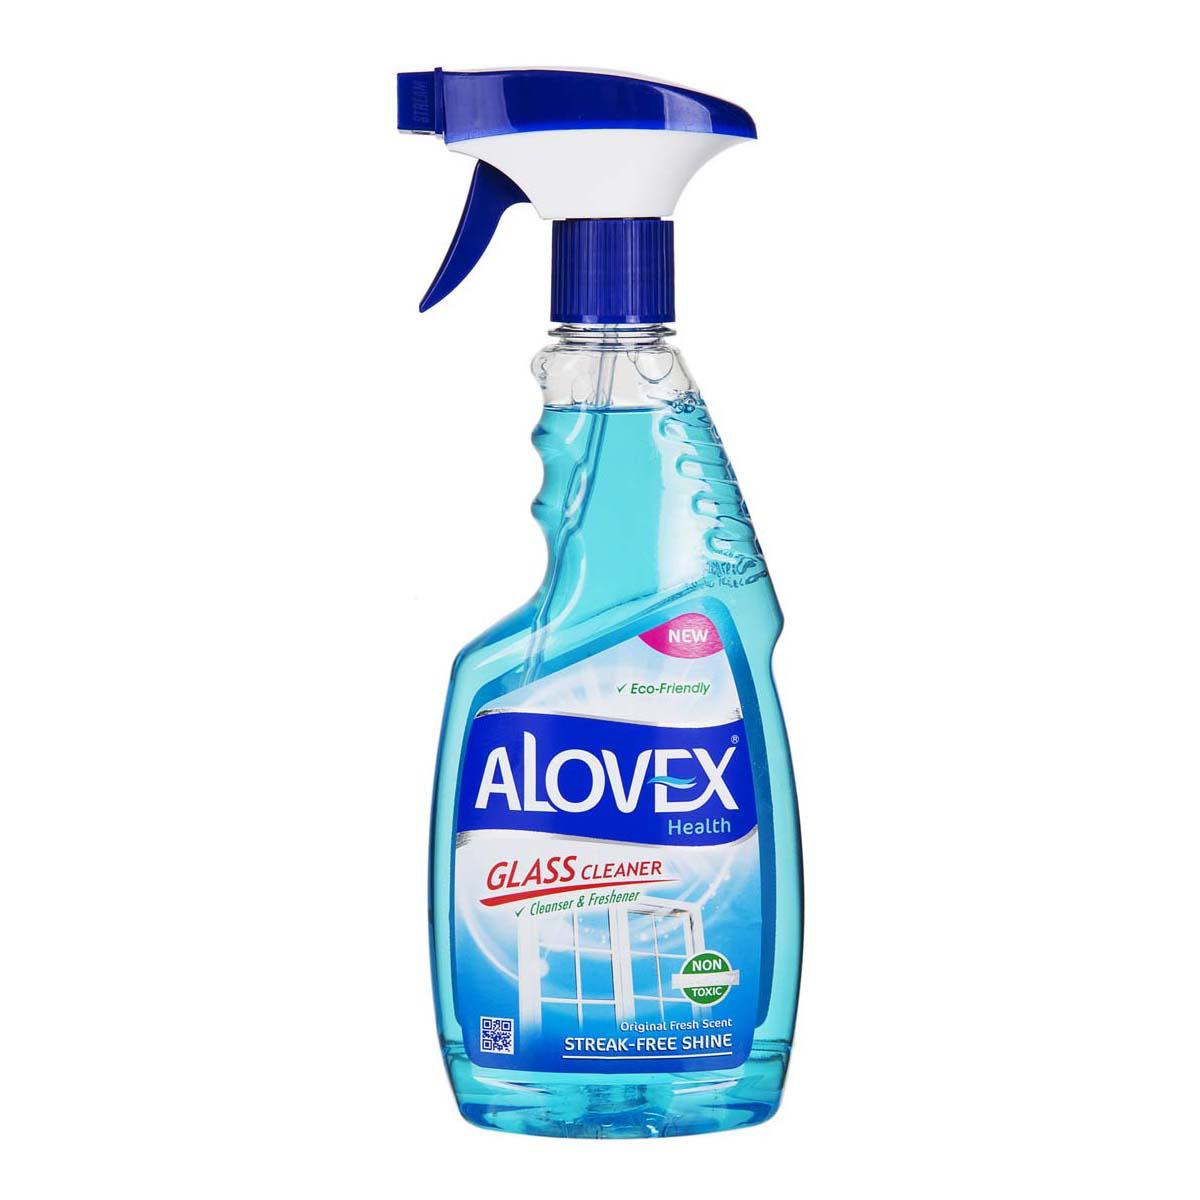 شیشه پاک کن آلوکس 500 میل - شیشه پاک کن آلوکس 500 میل